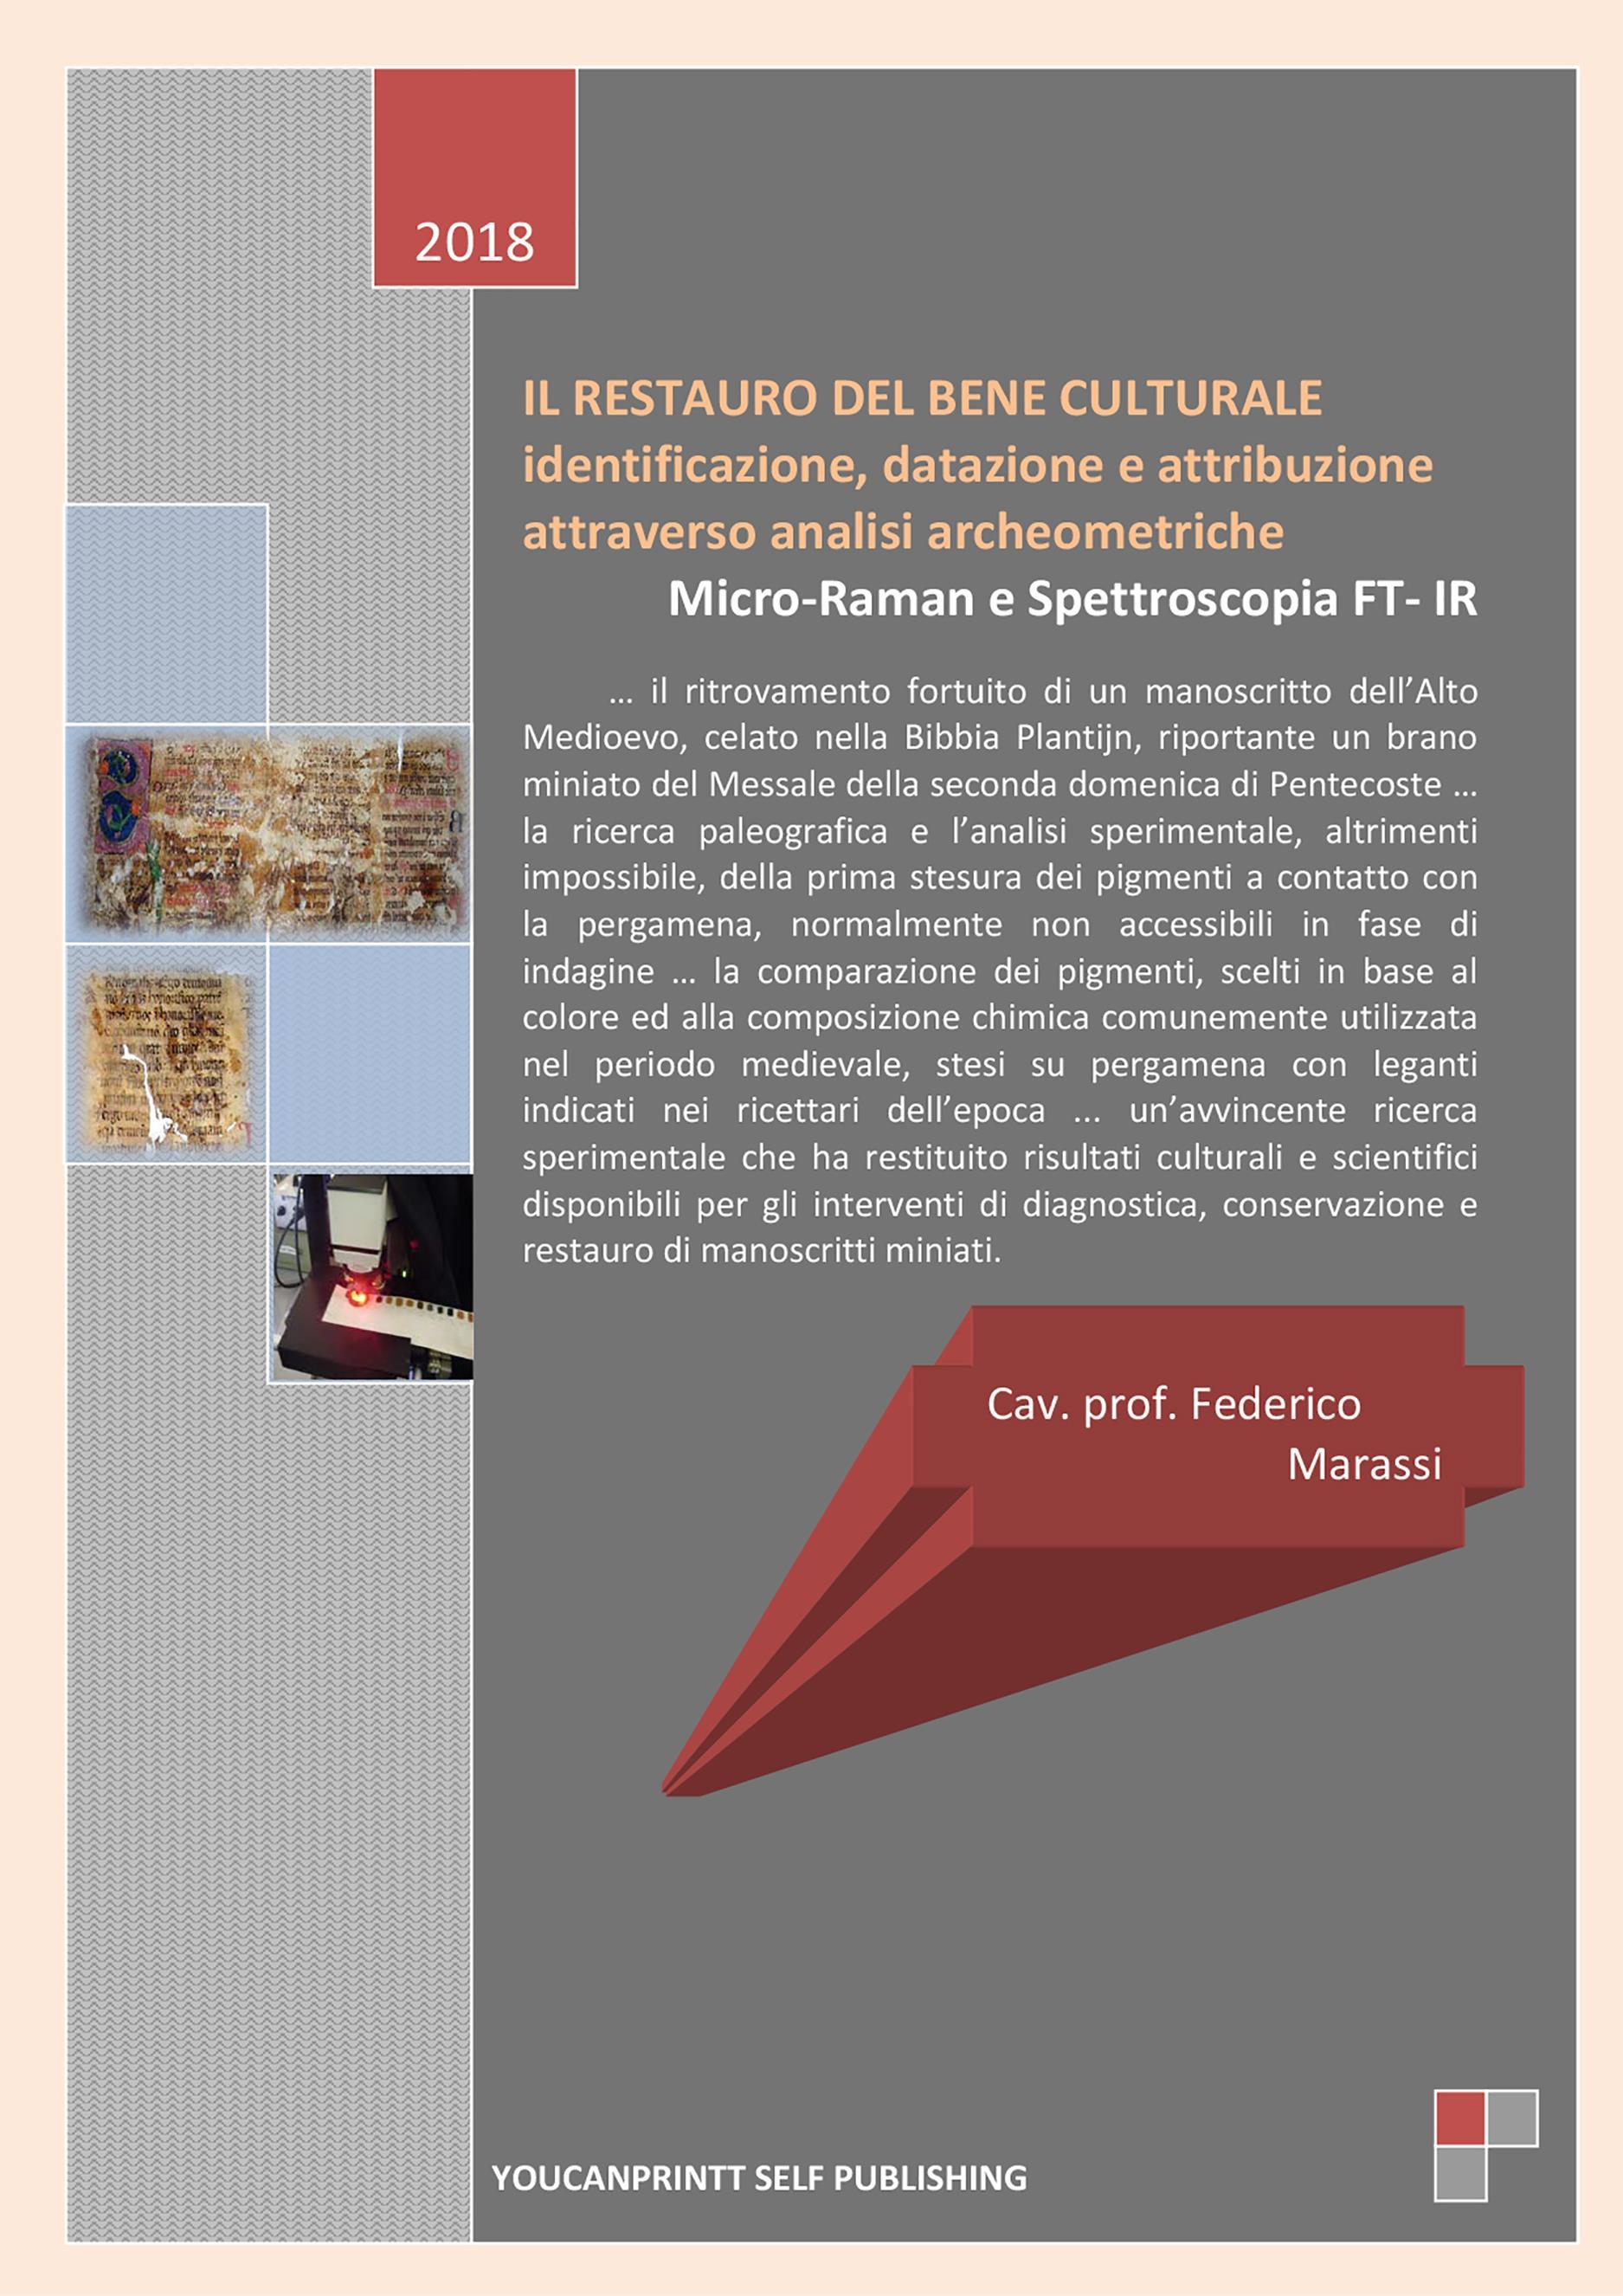 Il restauro del bene culturale. Identificazione, datazione e attribuzione attraverso analisi archeometriche Micro-Raman e Spettroscopia FT- IR